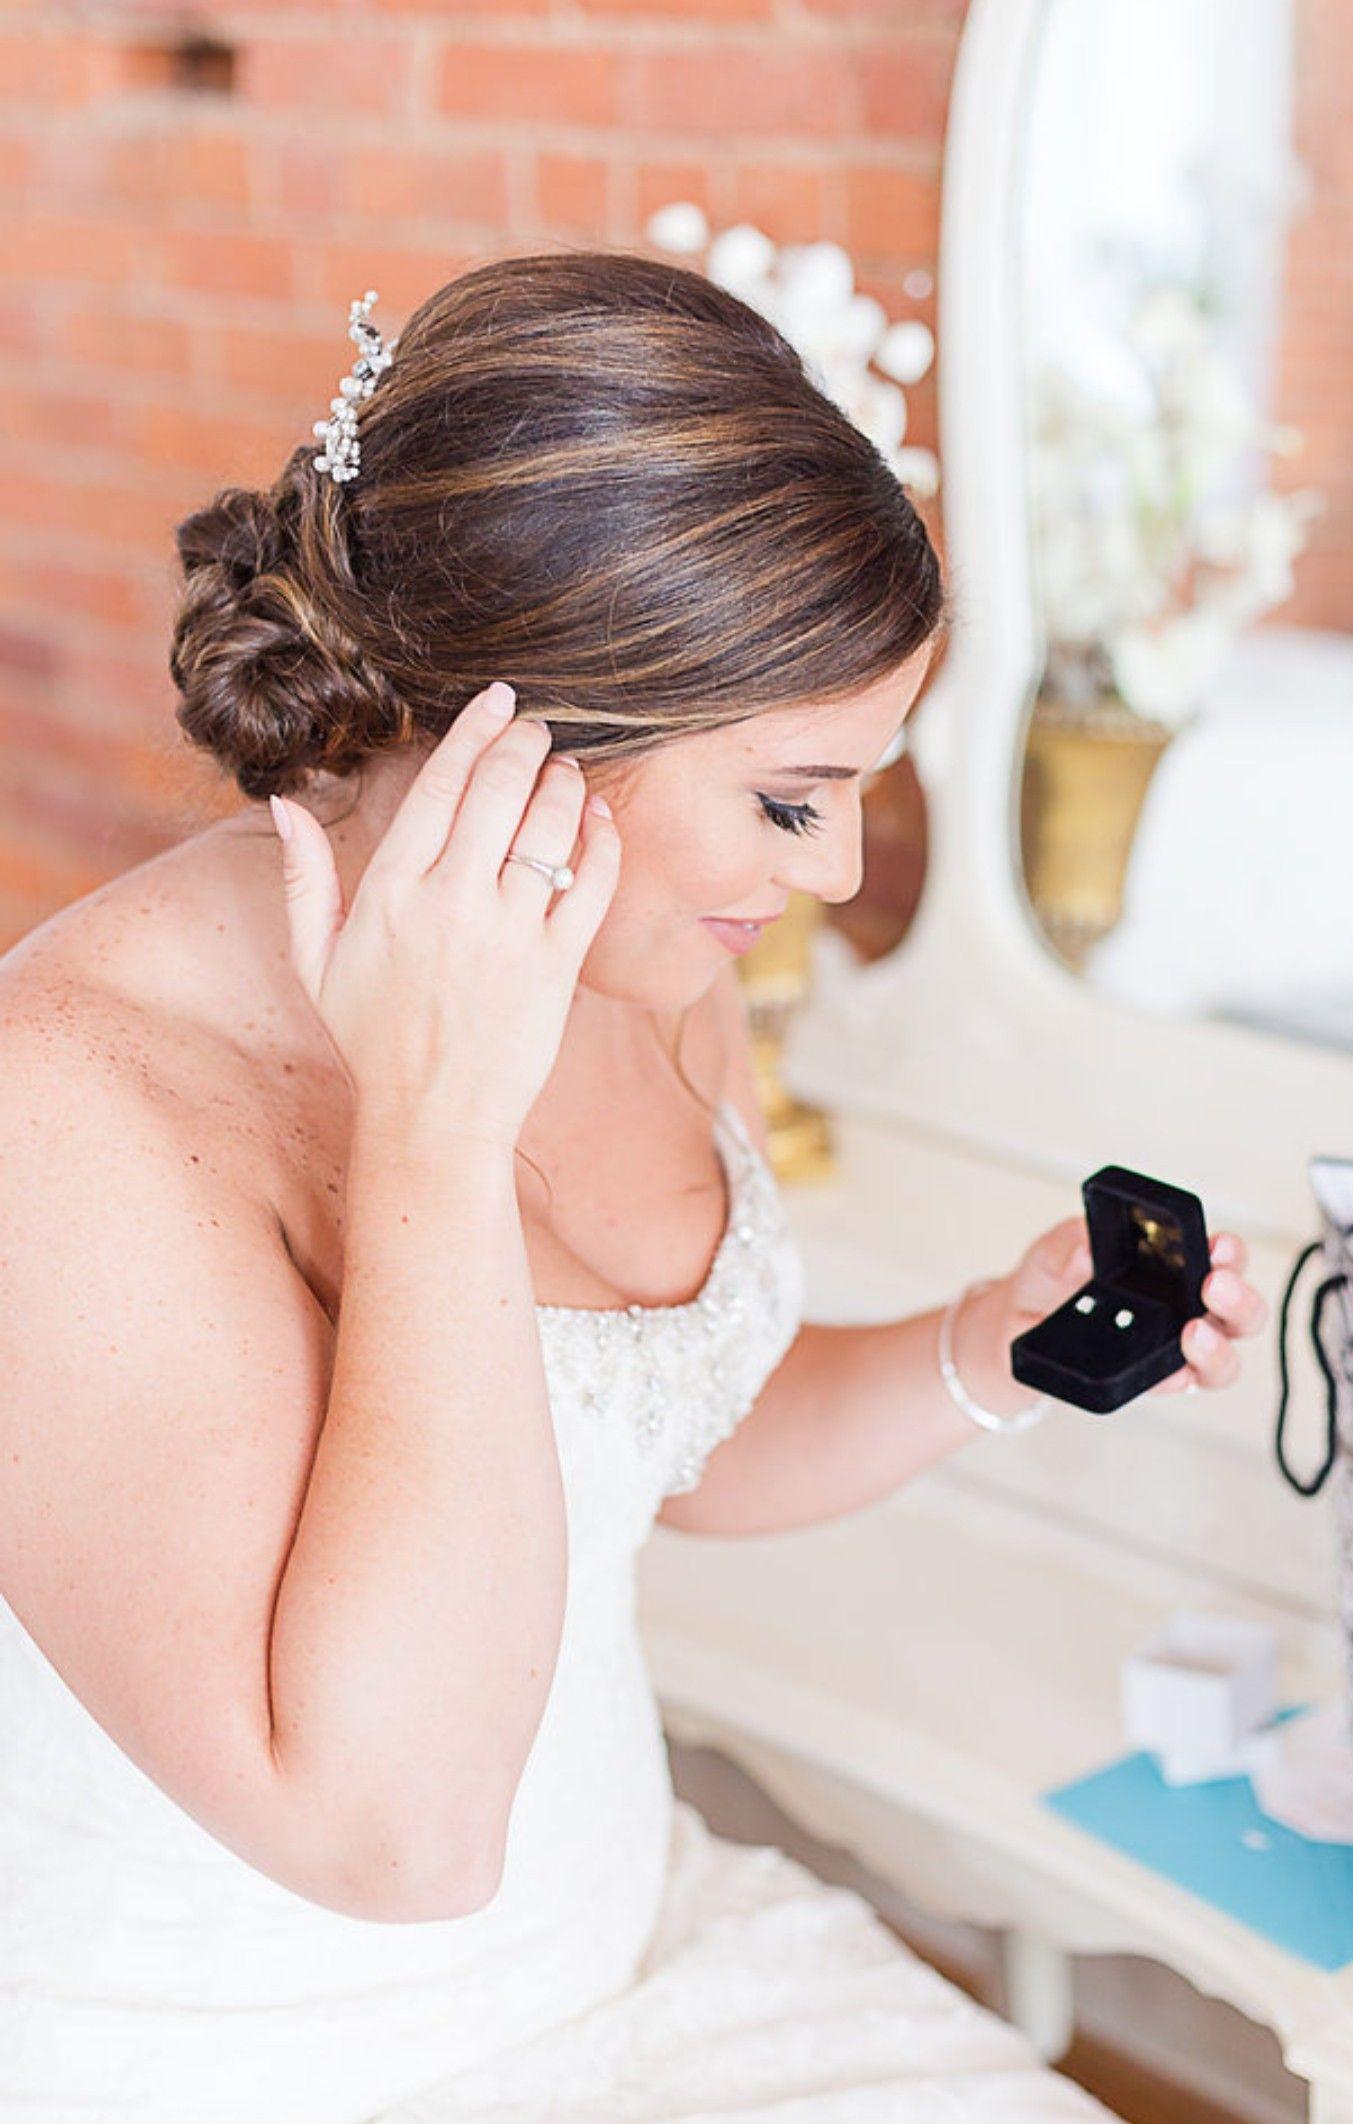 bridal portraits | getting ready photos | wedding day